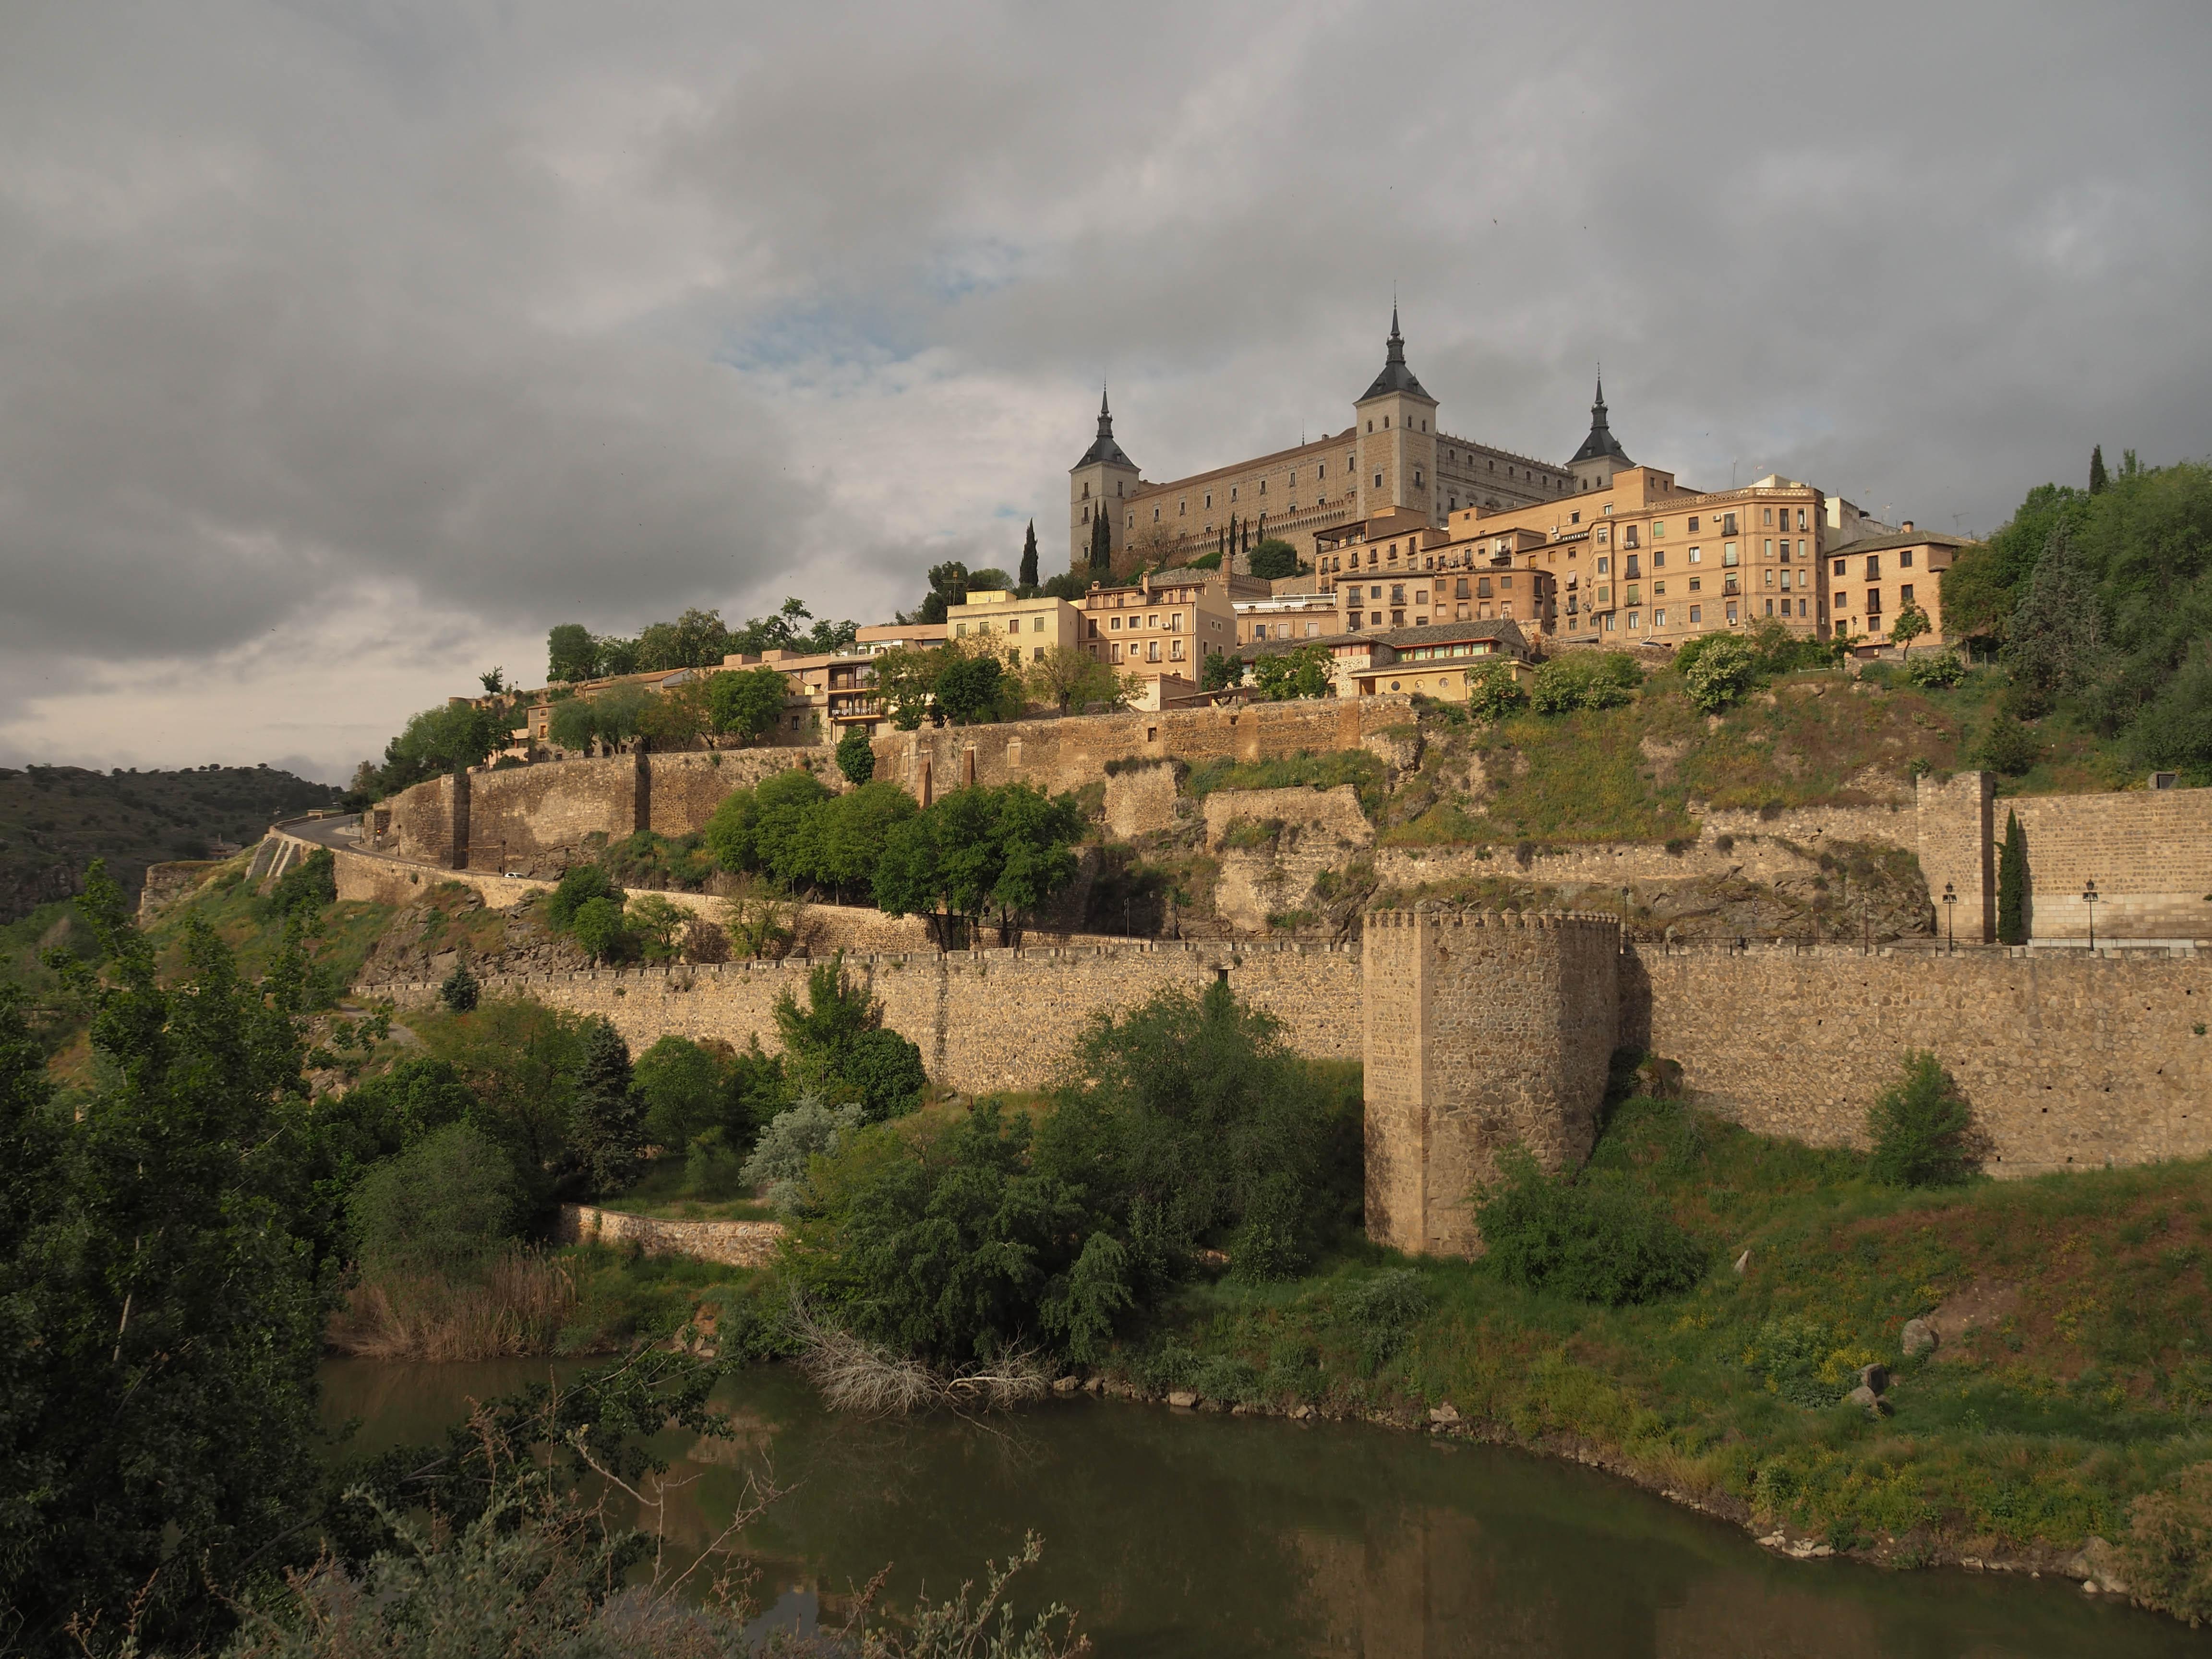 In Andalusië is een unieke verwevenheid van de joodse, islamitische en christelijke cultuur te vinden. (Foto: aangeleverd)